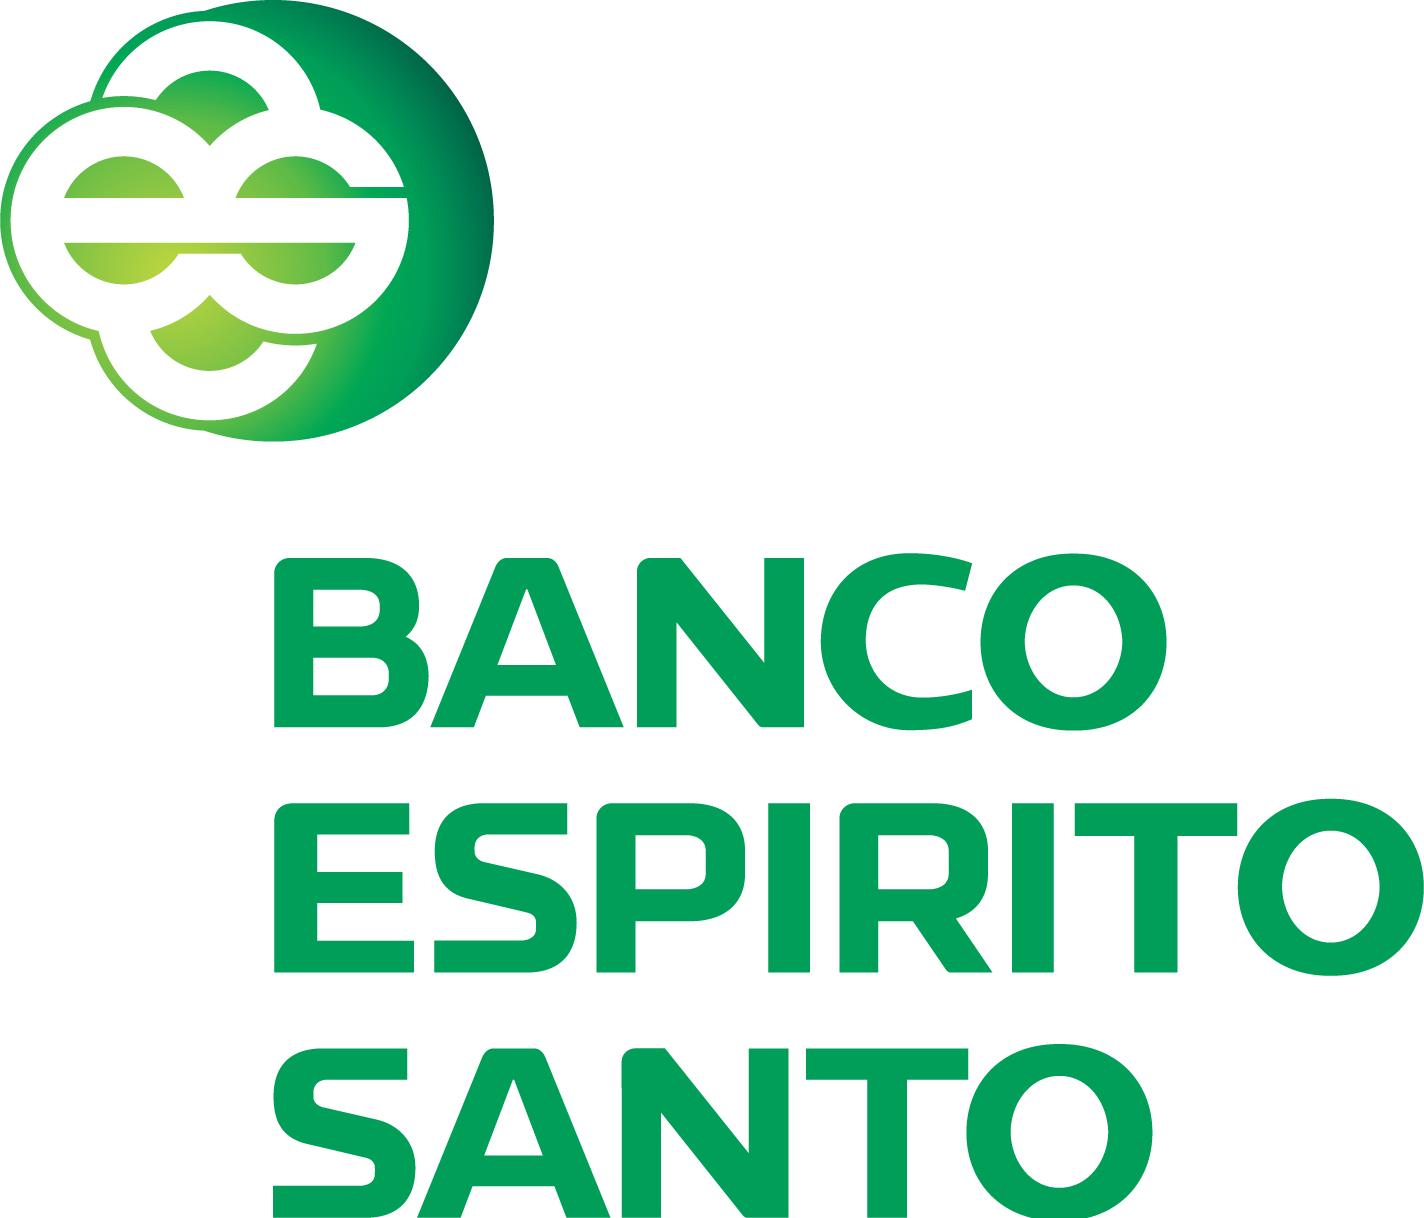 Banco_Espírito_Santo.png